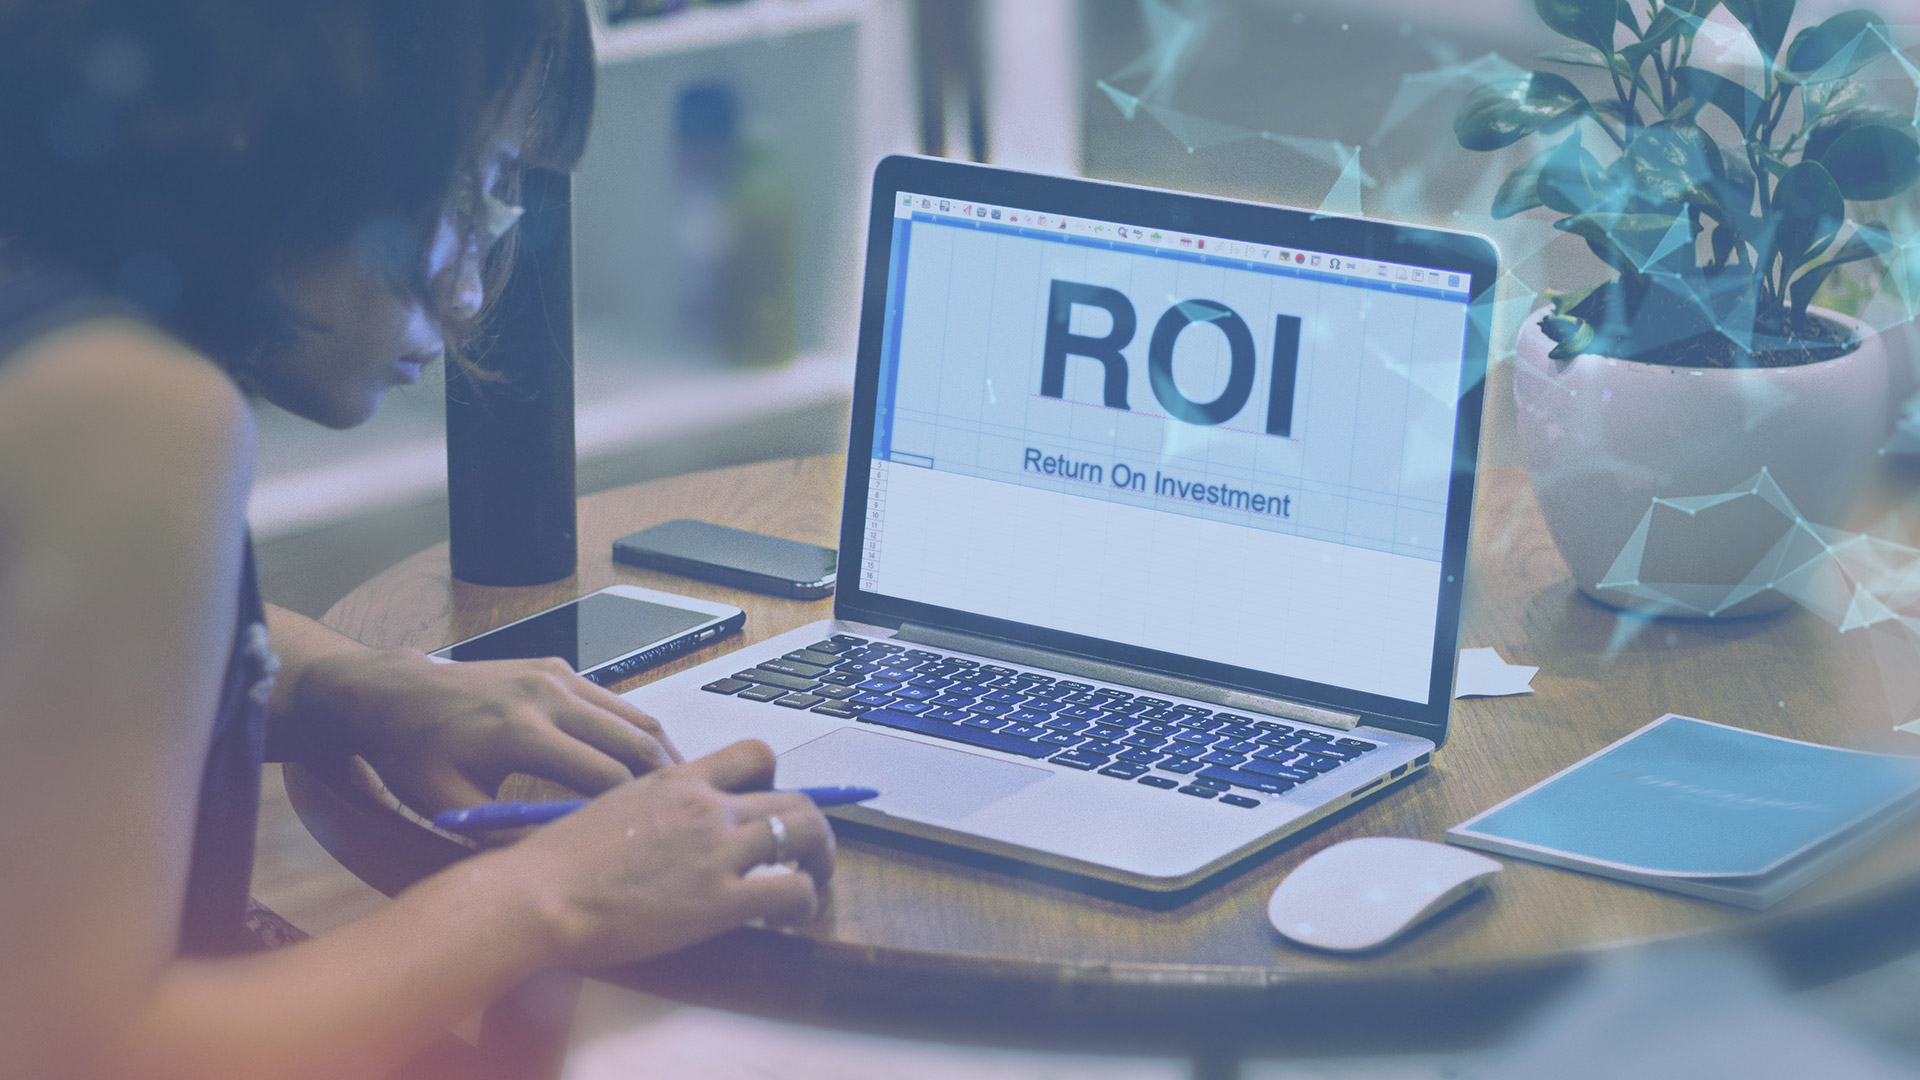 roi_retorno sobre investimento